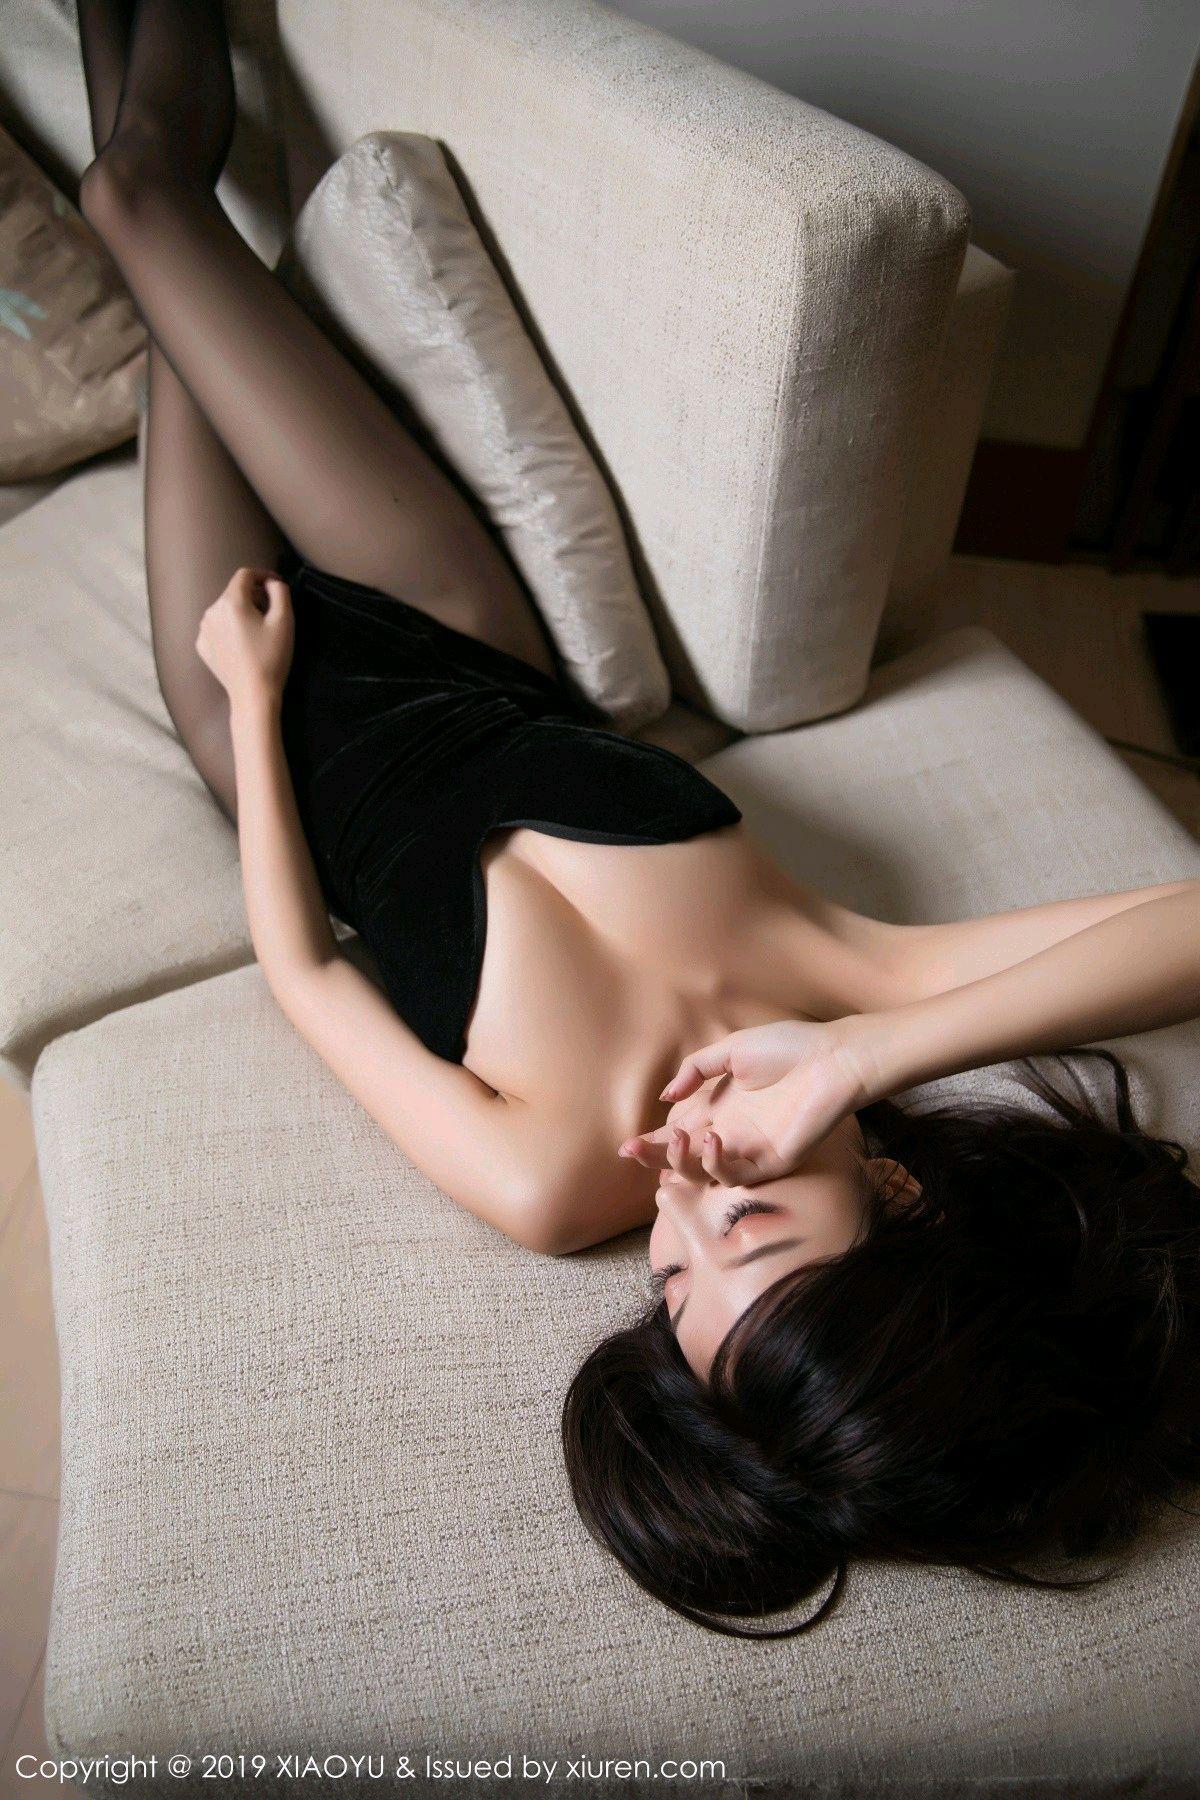 [XiaoYu] Vol.012 Yang Chen Chen 17P, Black Silk, Tall, XiaoYu, Yang Chen Chen